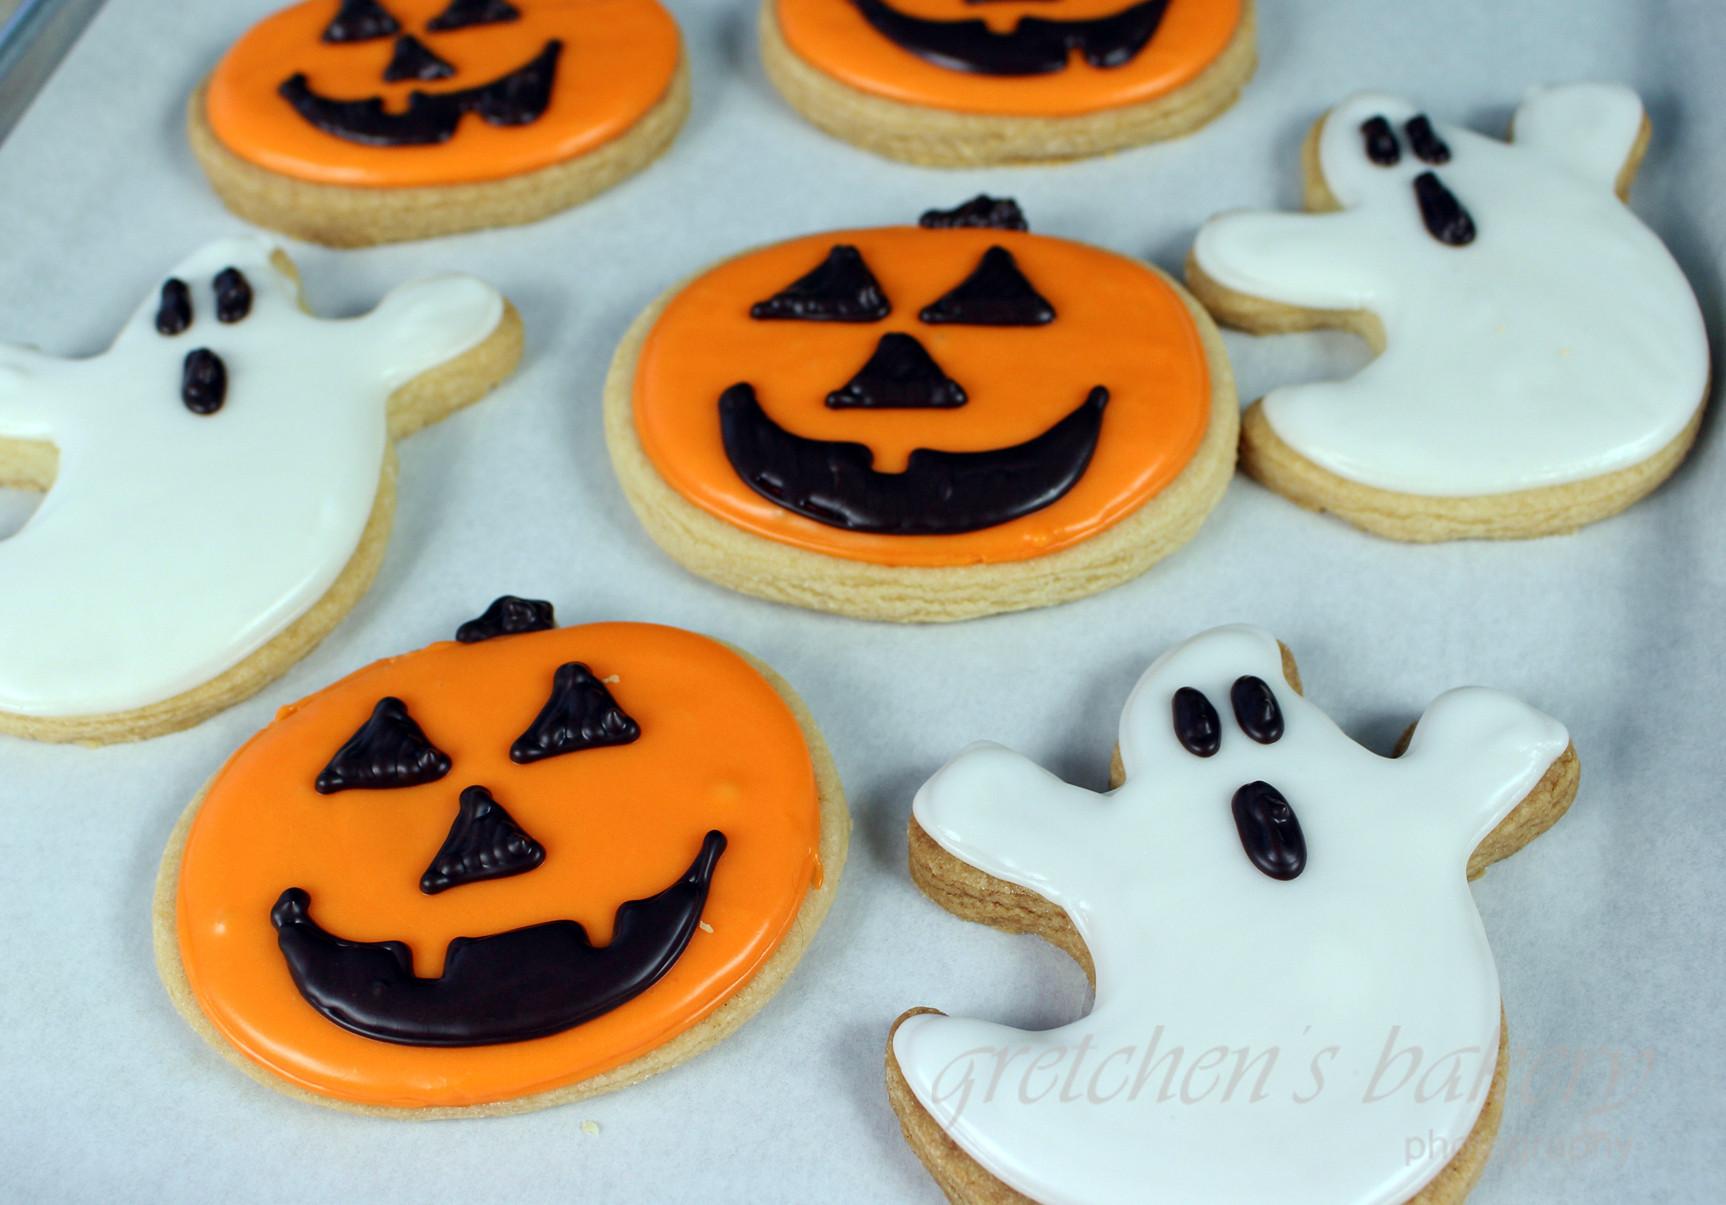 Halloween Cookies Pictures  Vegan Halloween Sugar Cookies Gretchen s Bakery